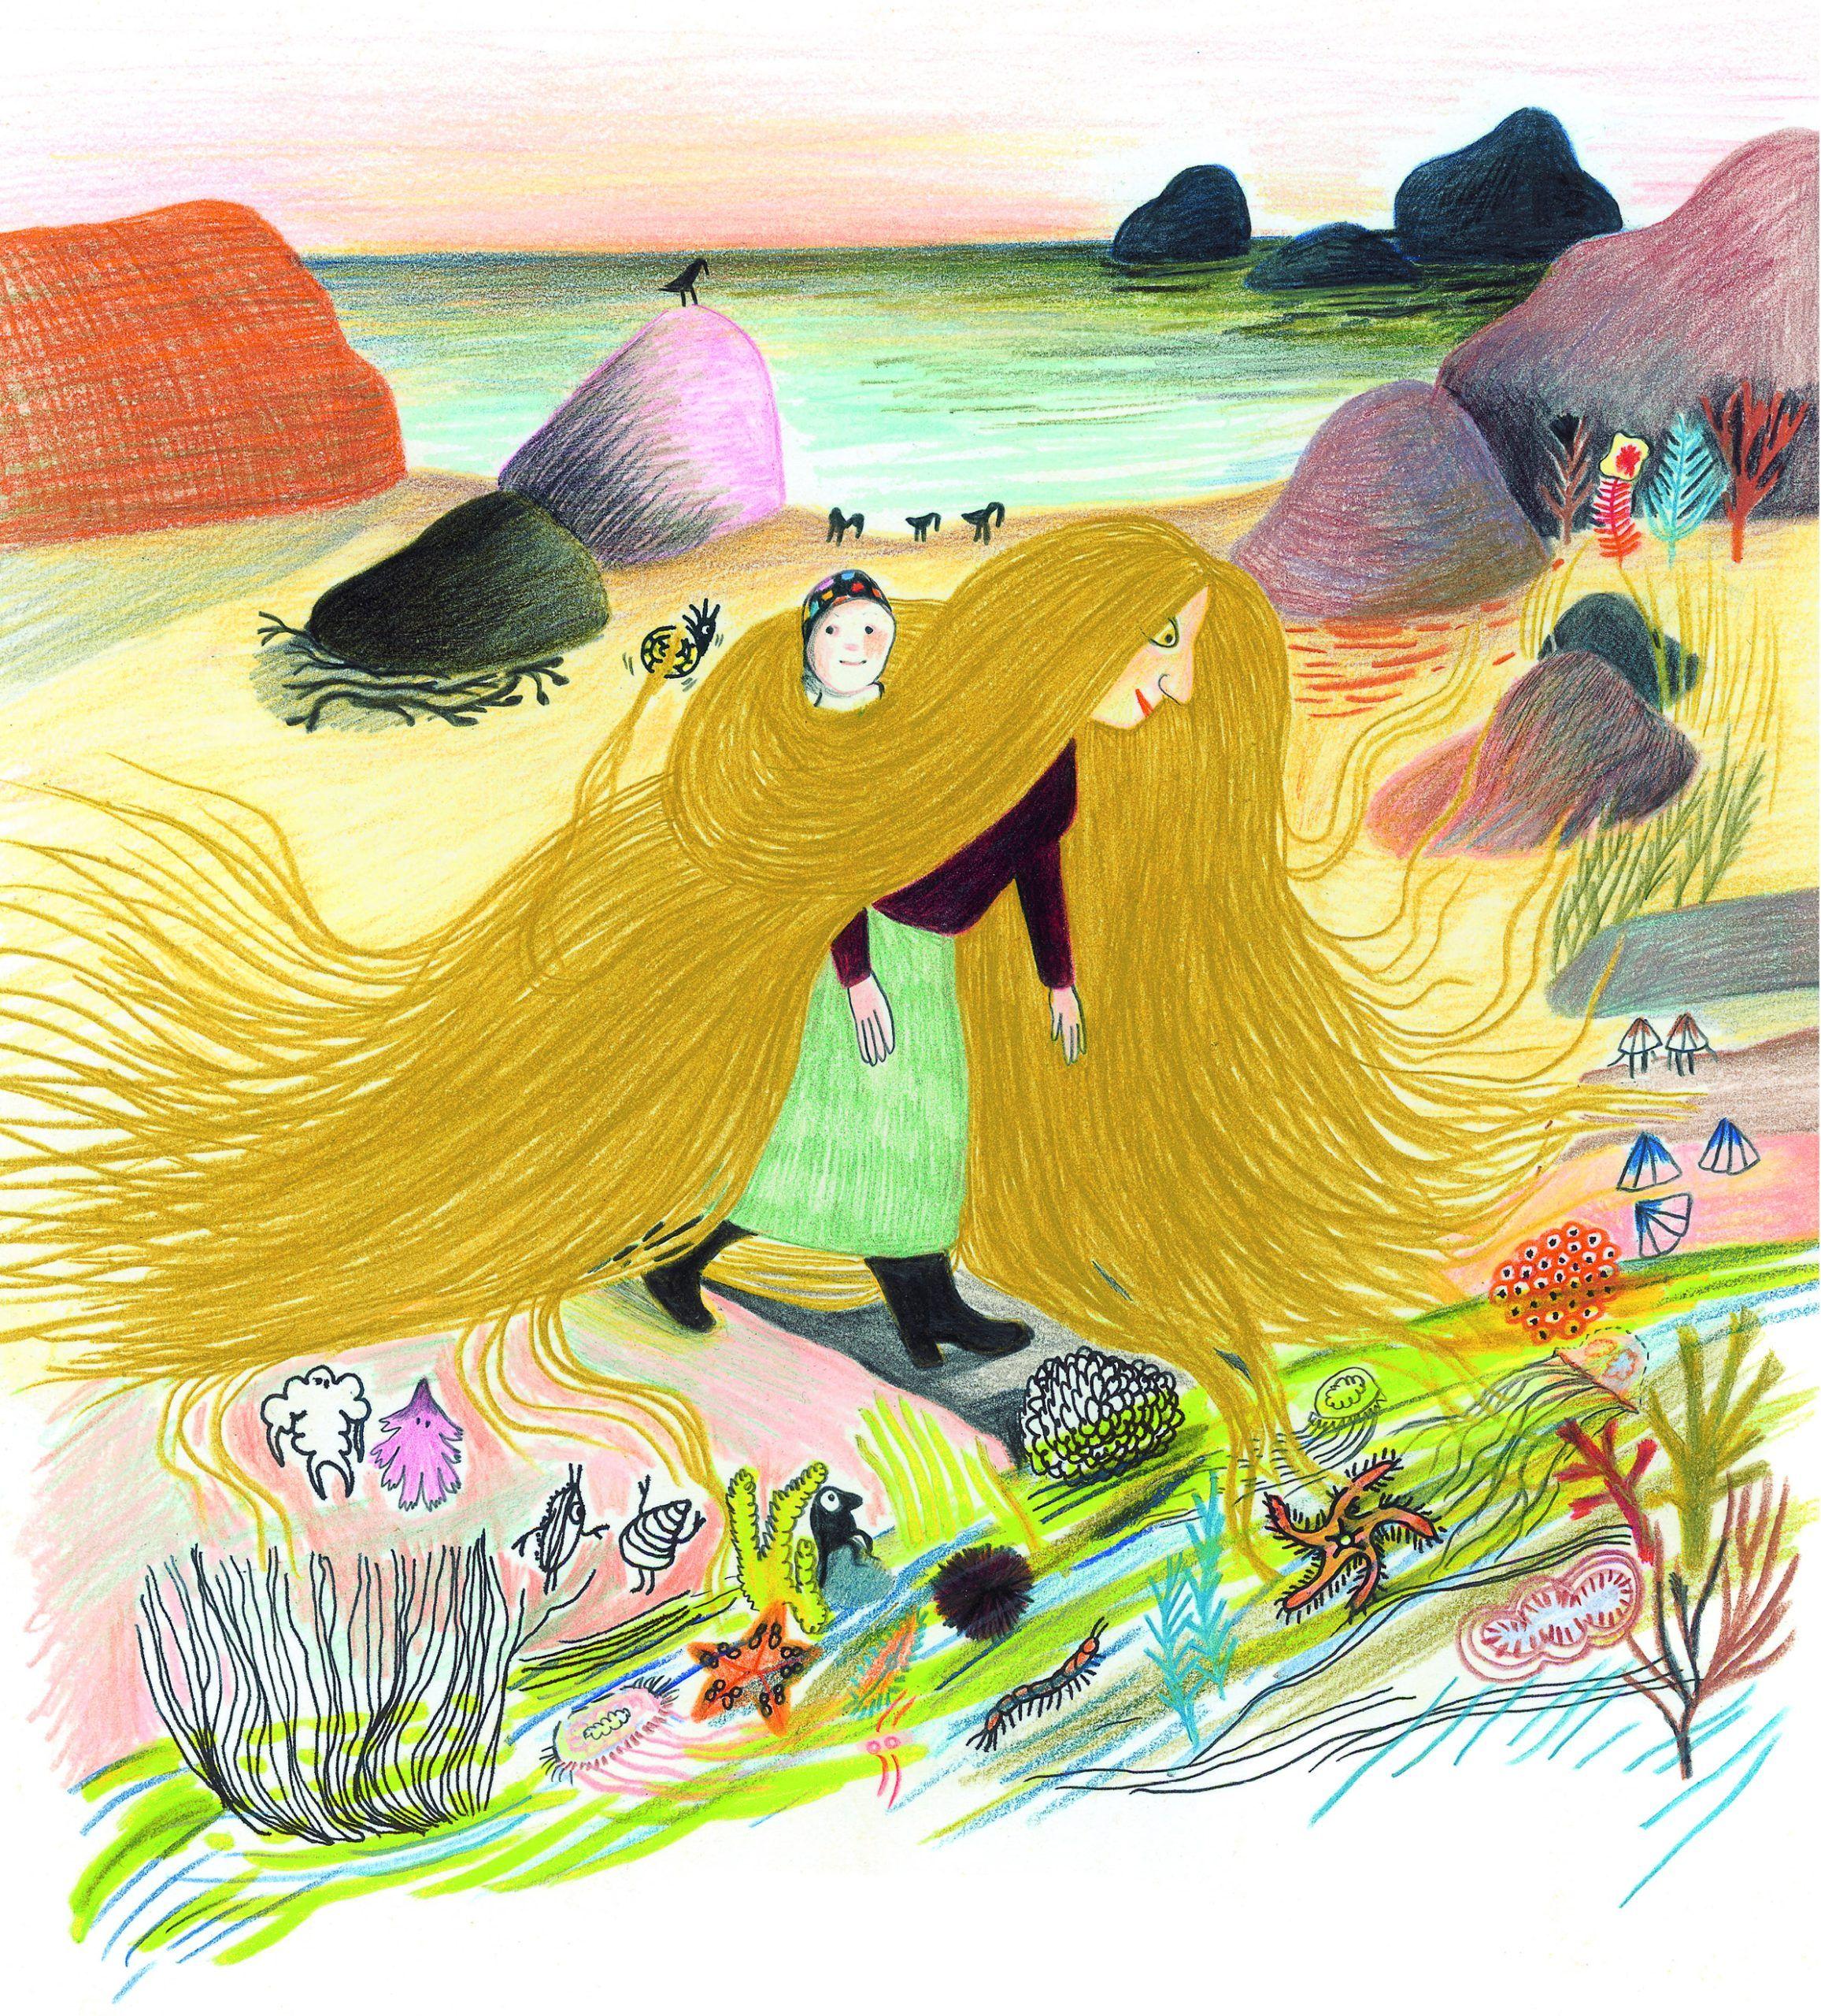 凯蒂·克劳泽:在故事中寻找童年的归途